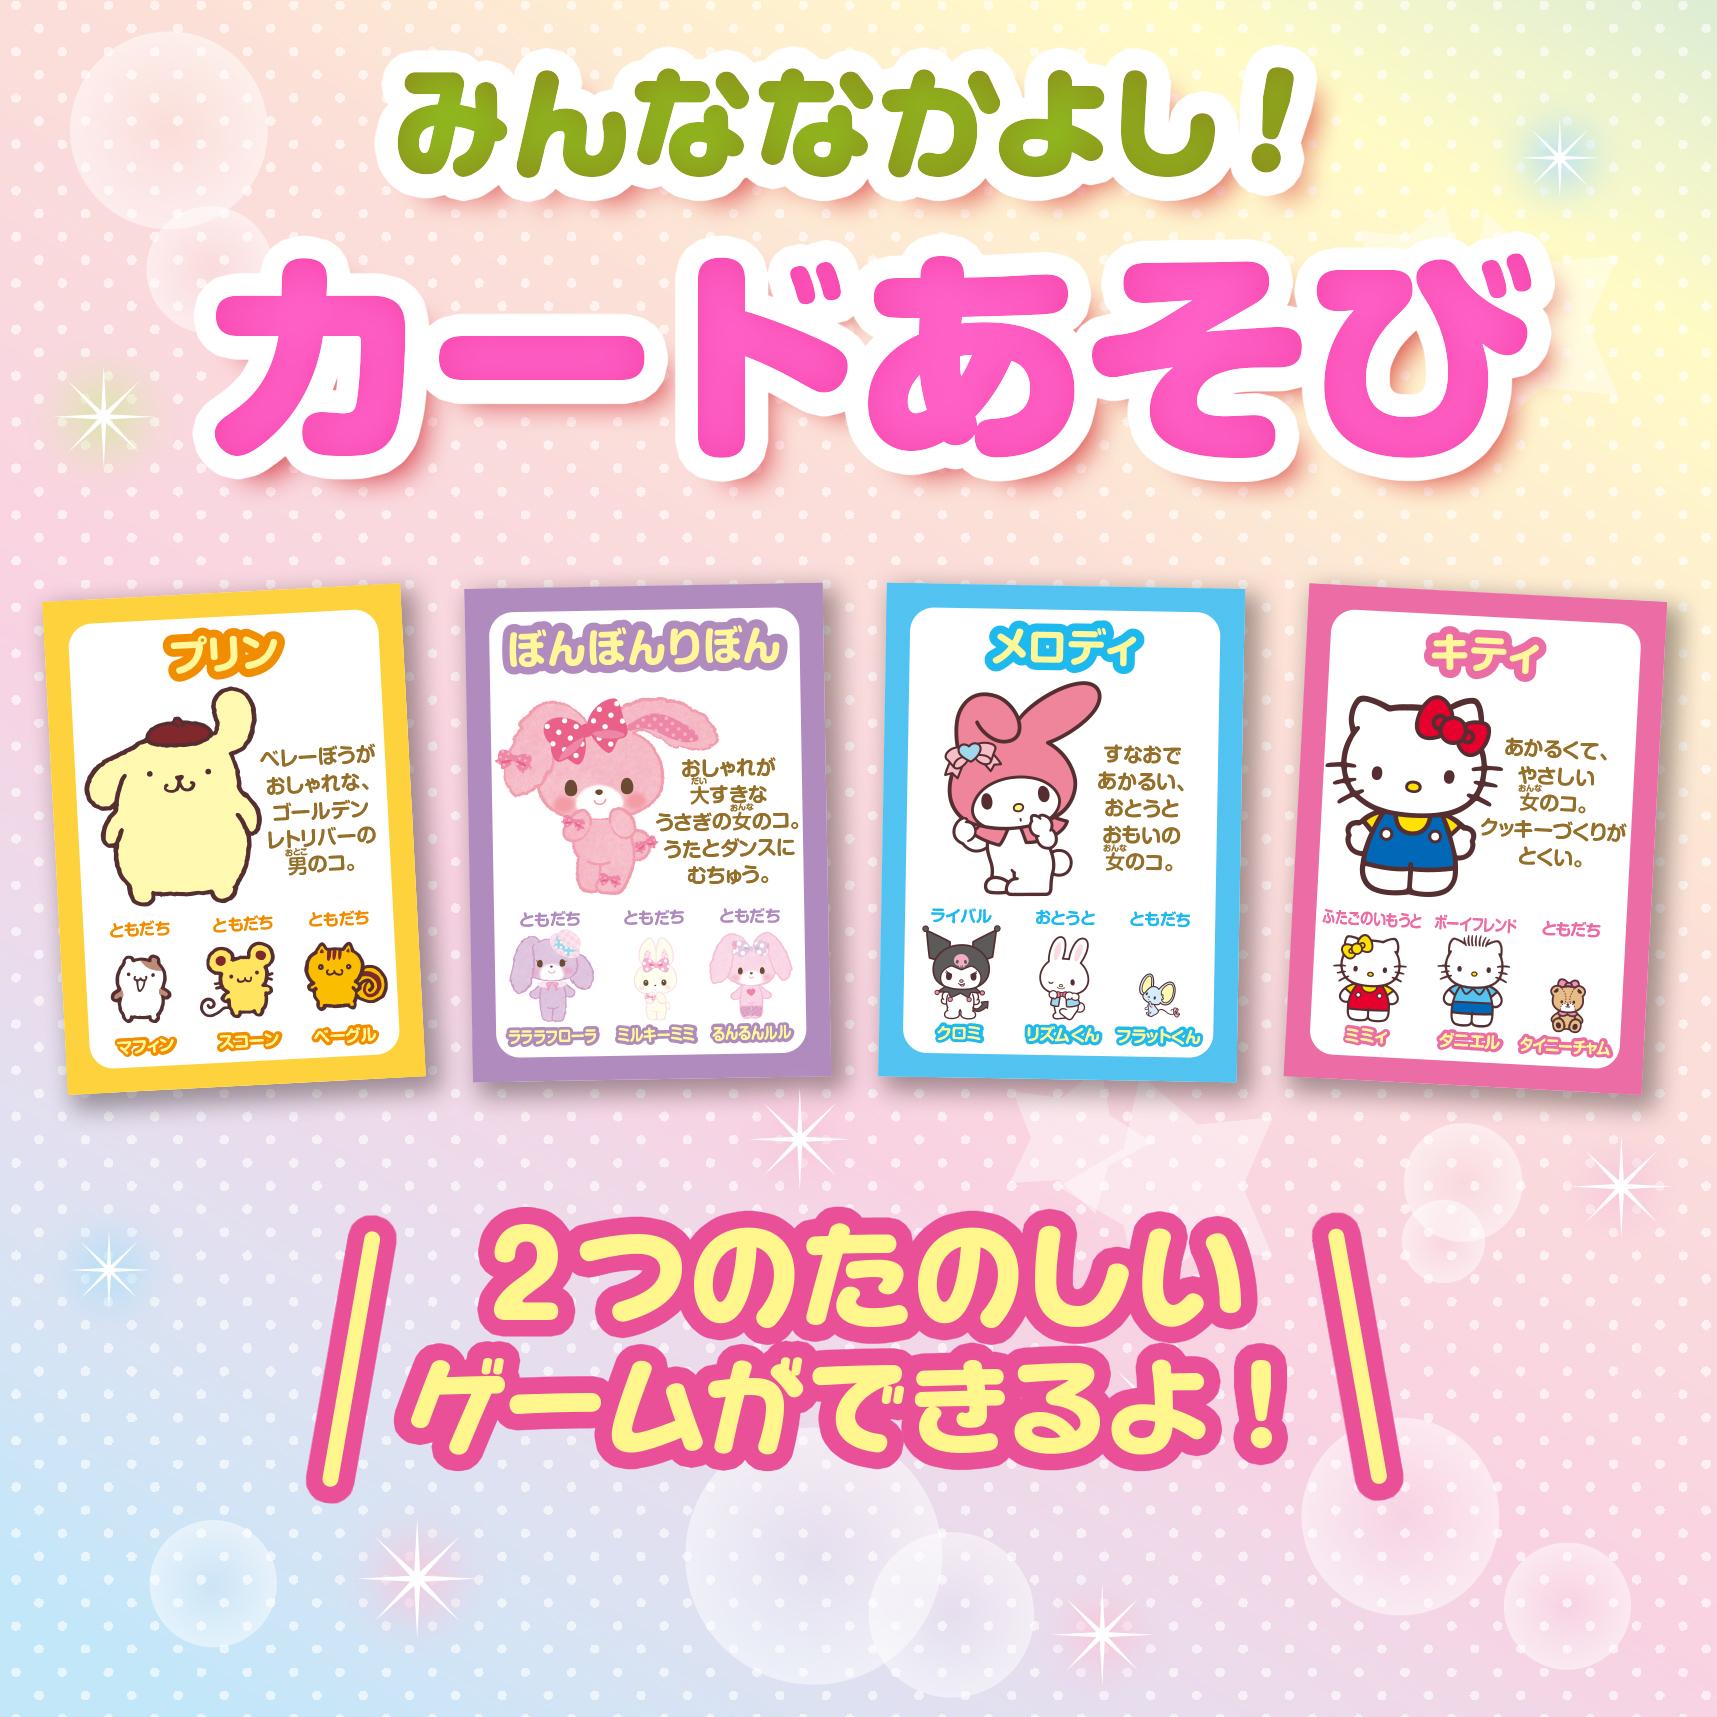 「ゲームカード」画像